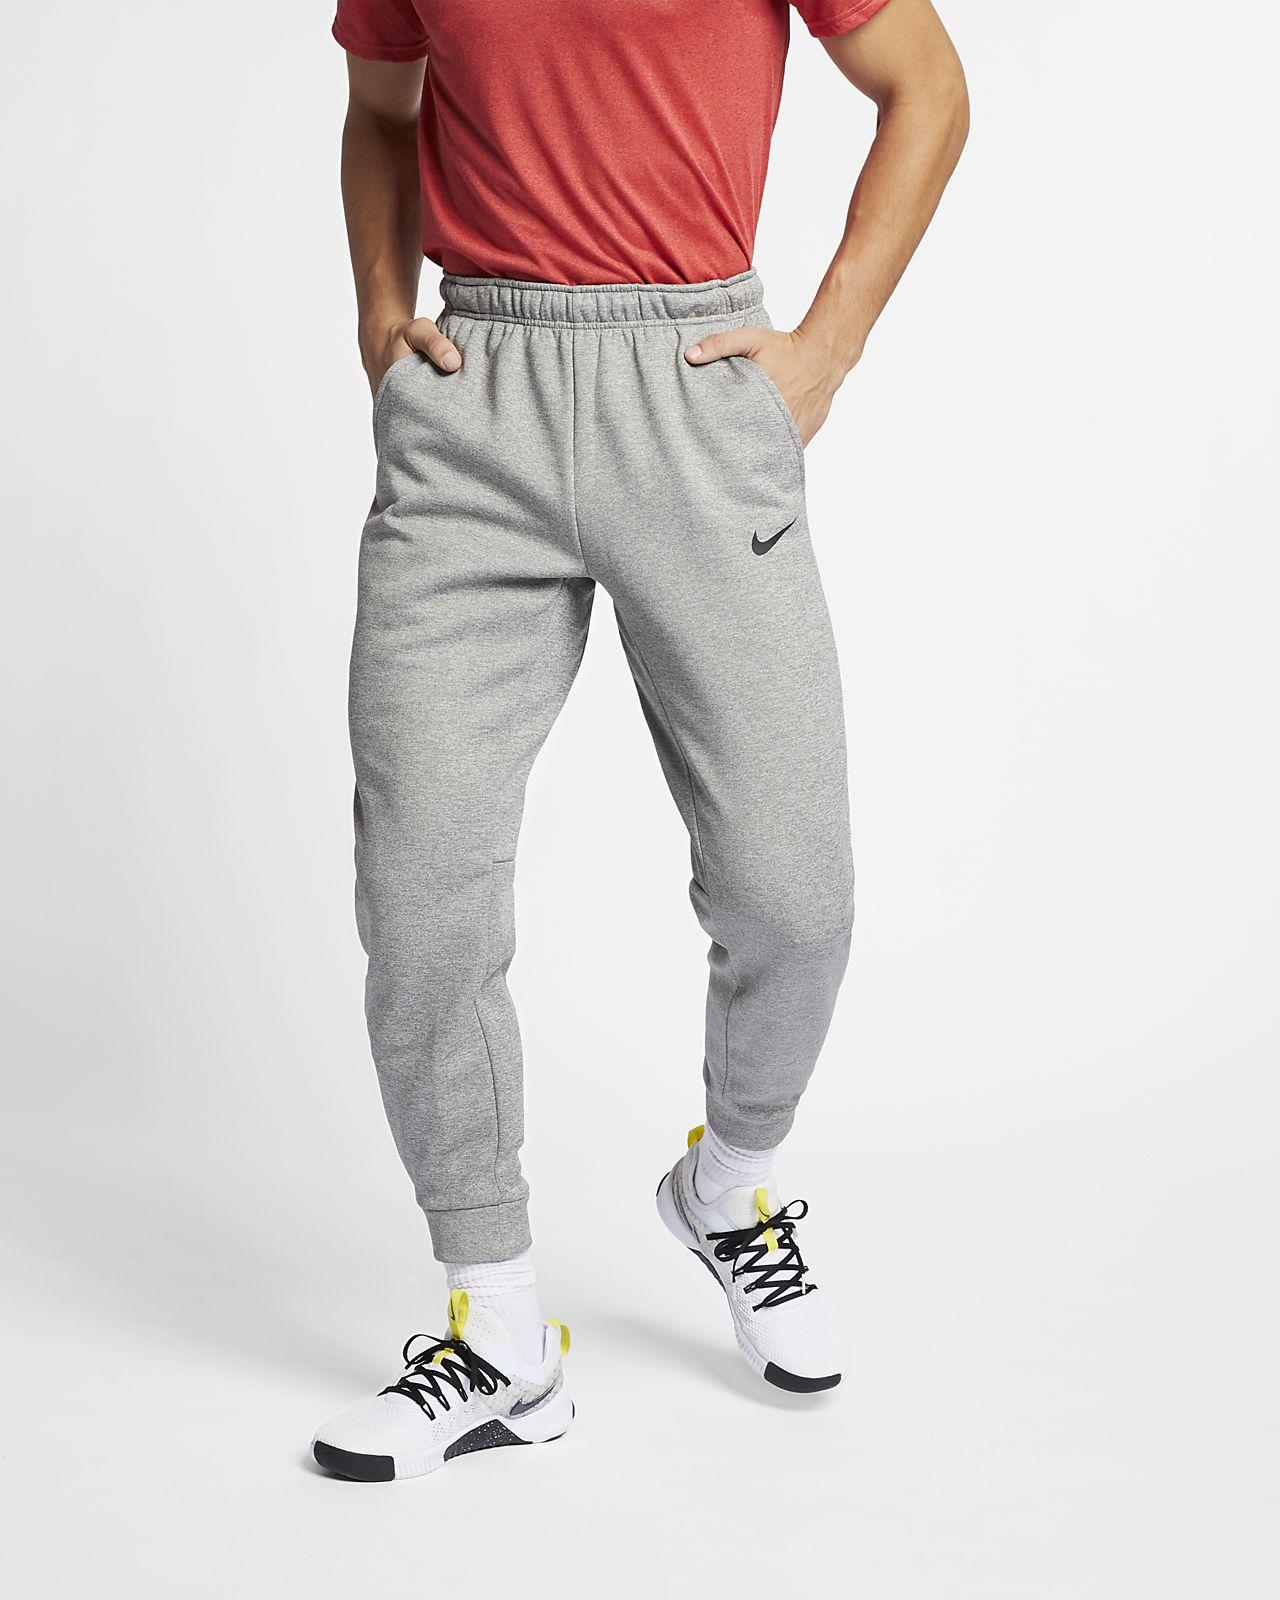 Pánské zúžené tréninkové tepláky Nike Therma